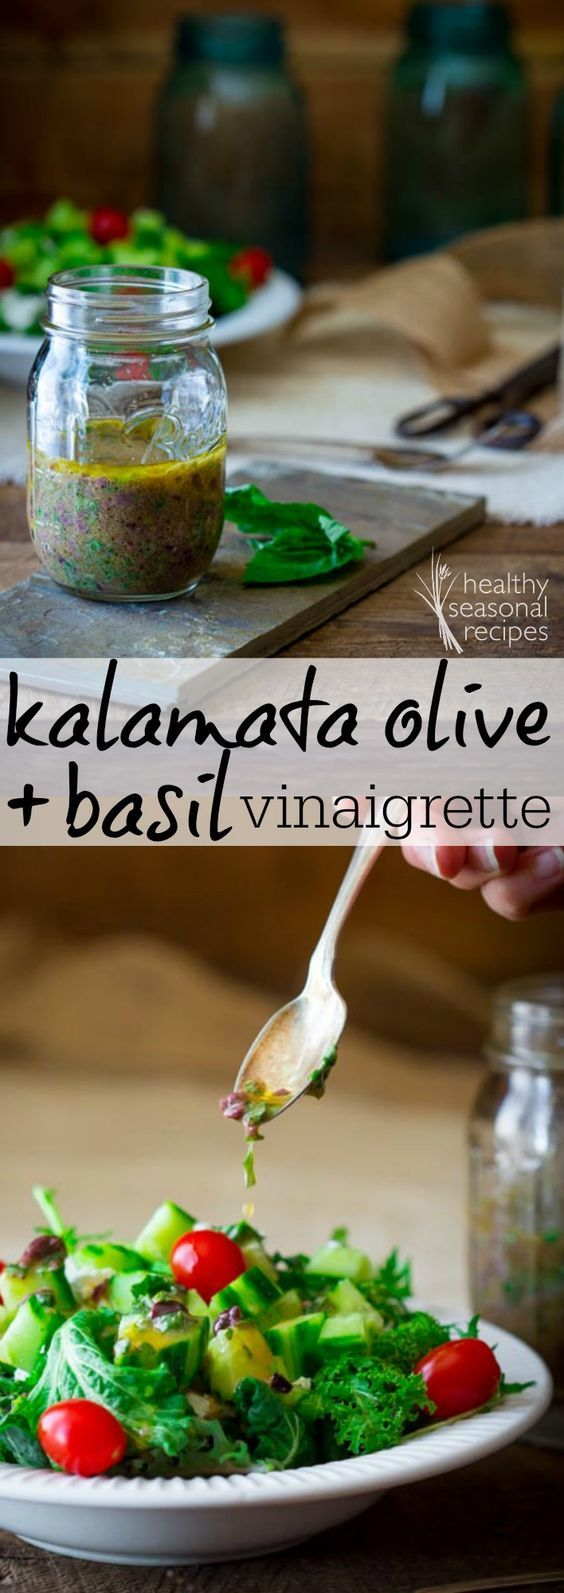 kalamata olive and basil vinaigrette - Healthy Seasonal Recipes: